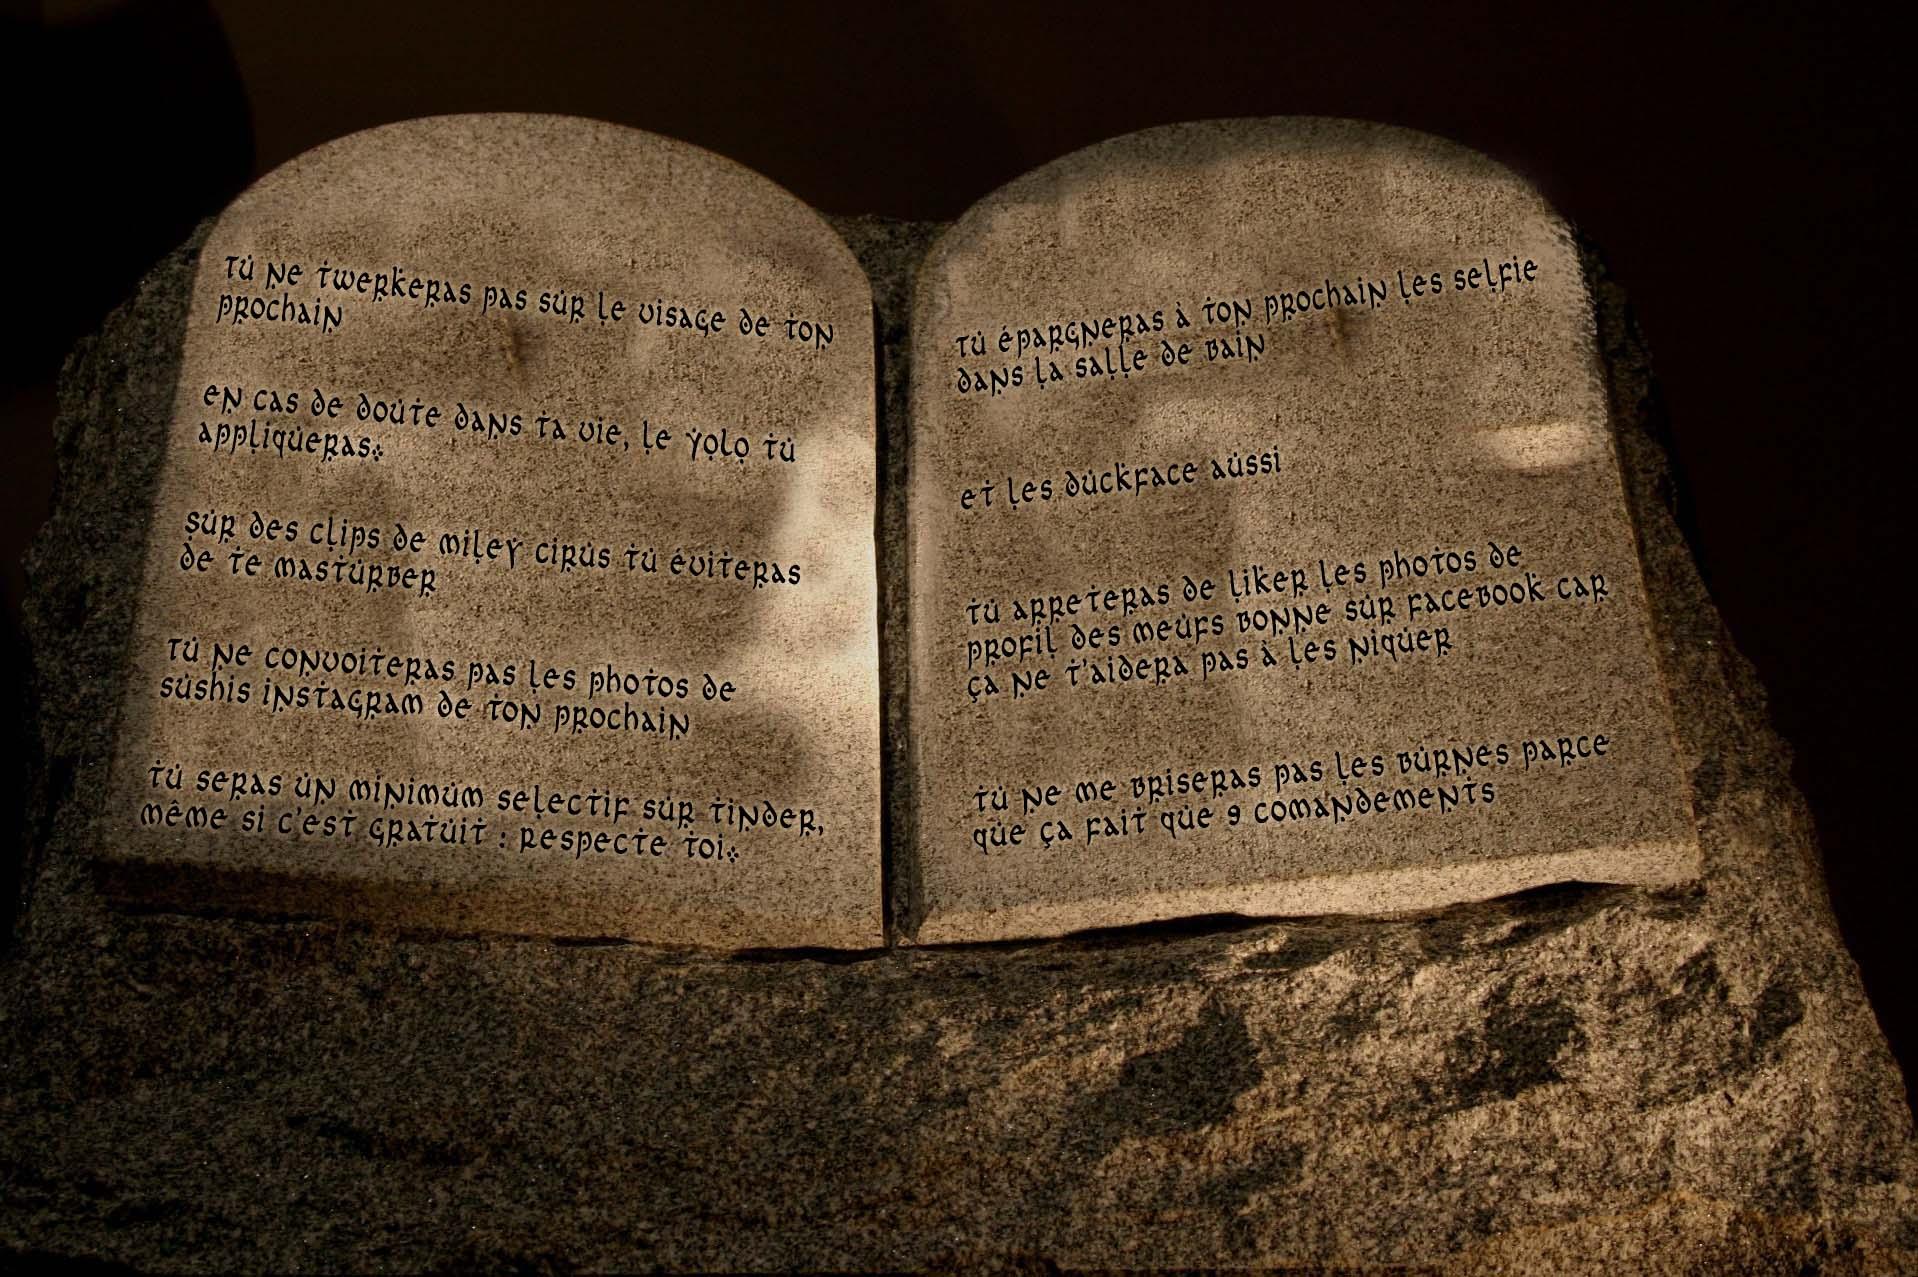 Mon voyage o pays de jizeusse partie 3 baborlelefan - Les tables des 10 commandements ...